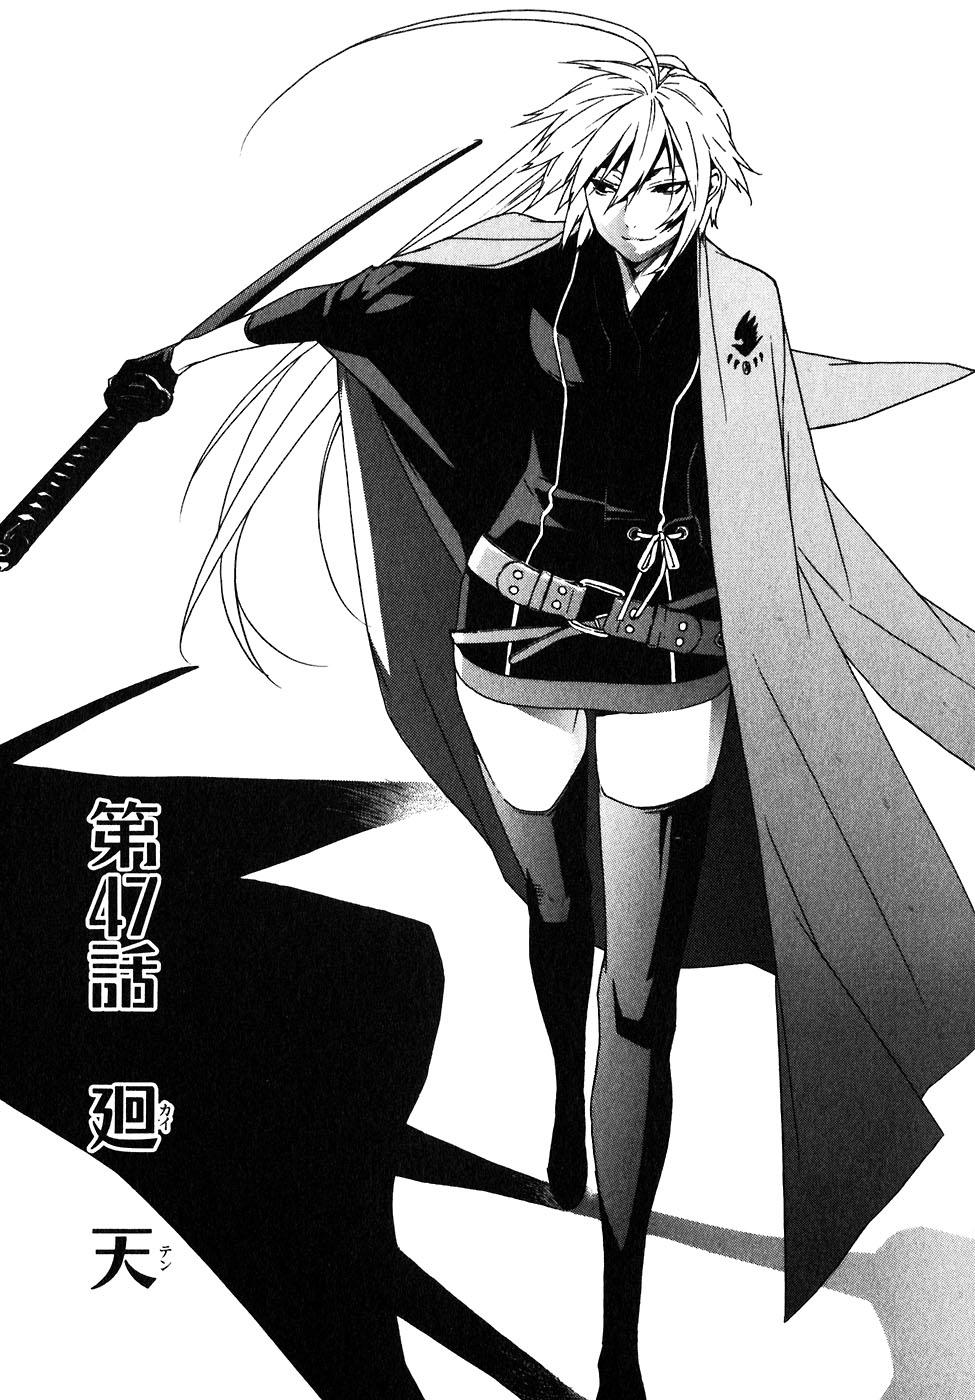 Sekirei manga chapter 047.jpg